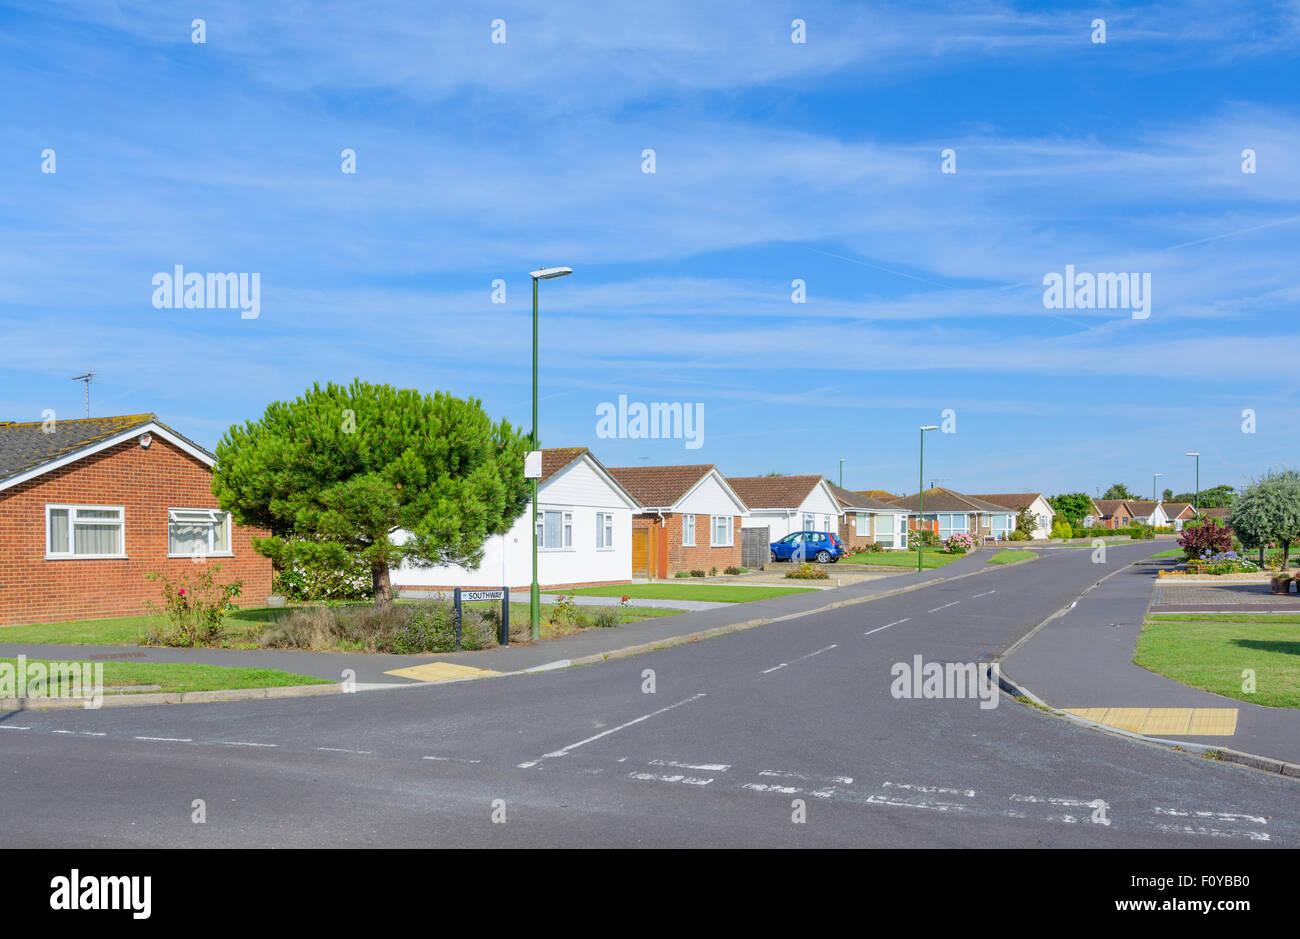 Strada residenziale in una giornata di sole in Littlehampton, West Sussex, in Inghilterra, Regno Unito. Immagini Stock